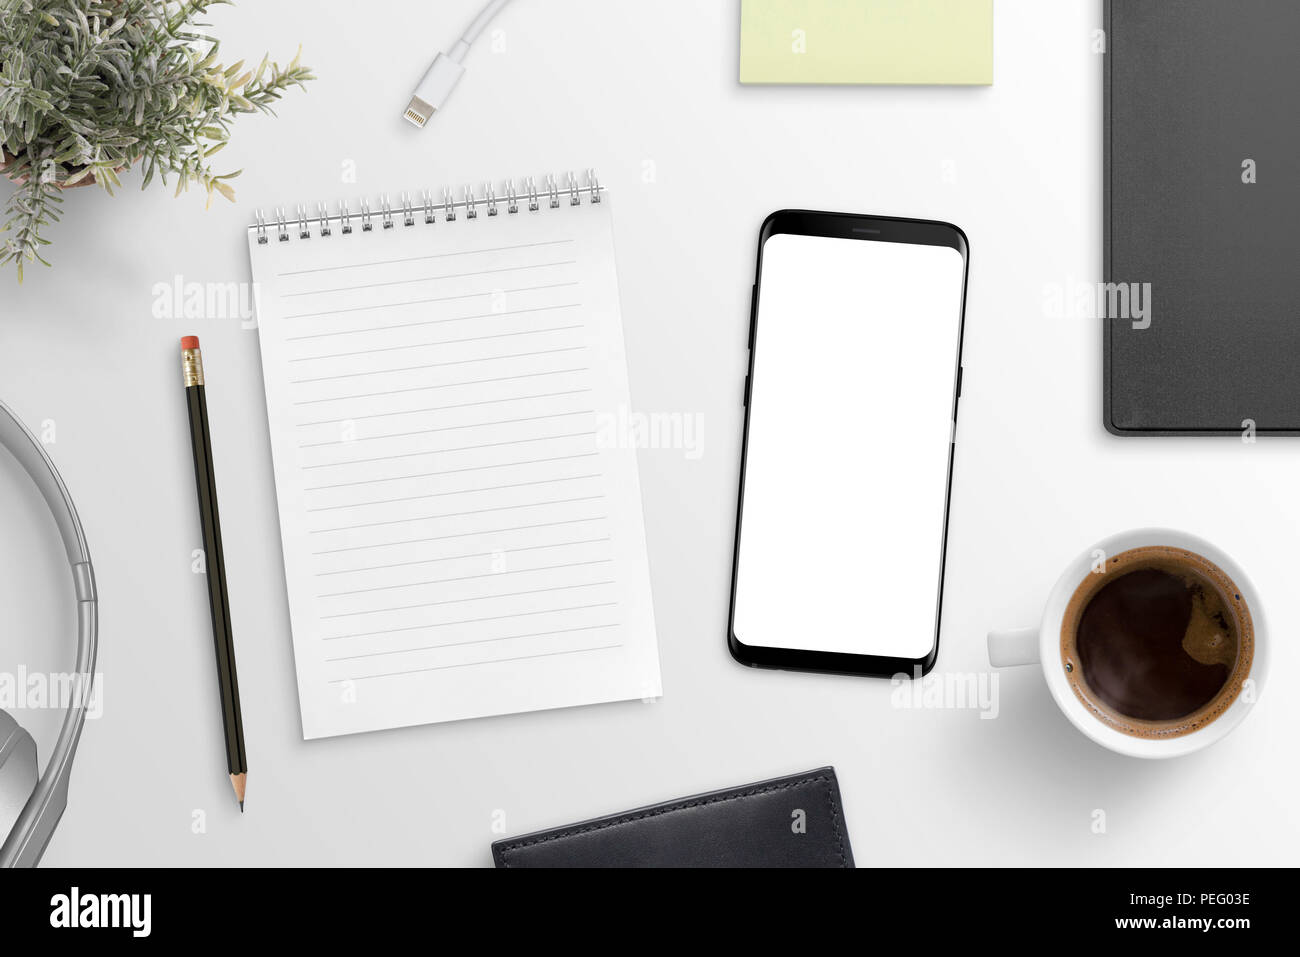 Le bloc notes vide et smart phone sur maquette moderne bureau